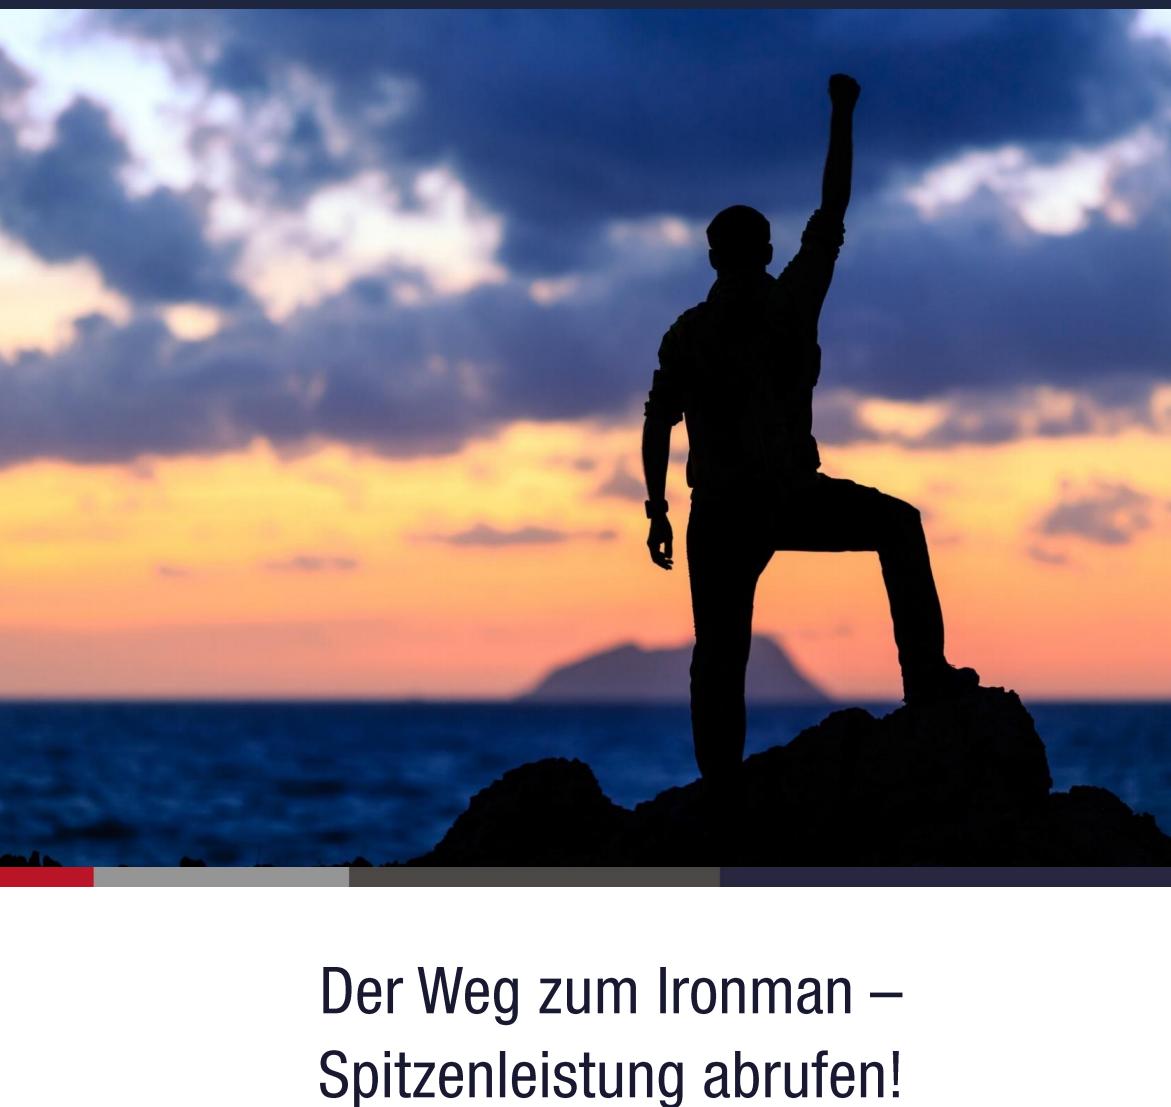 Der Weg zum Ironman - Spitzenleistung abrufen!